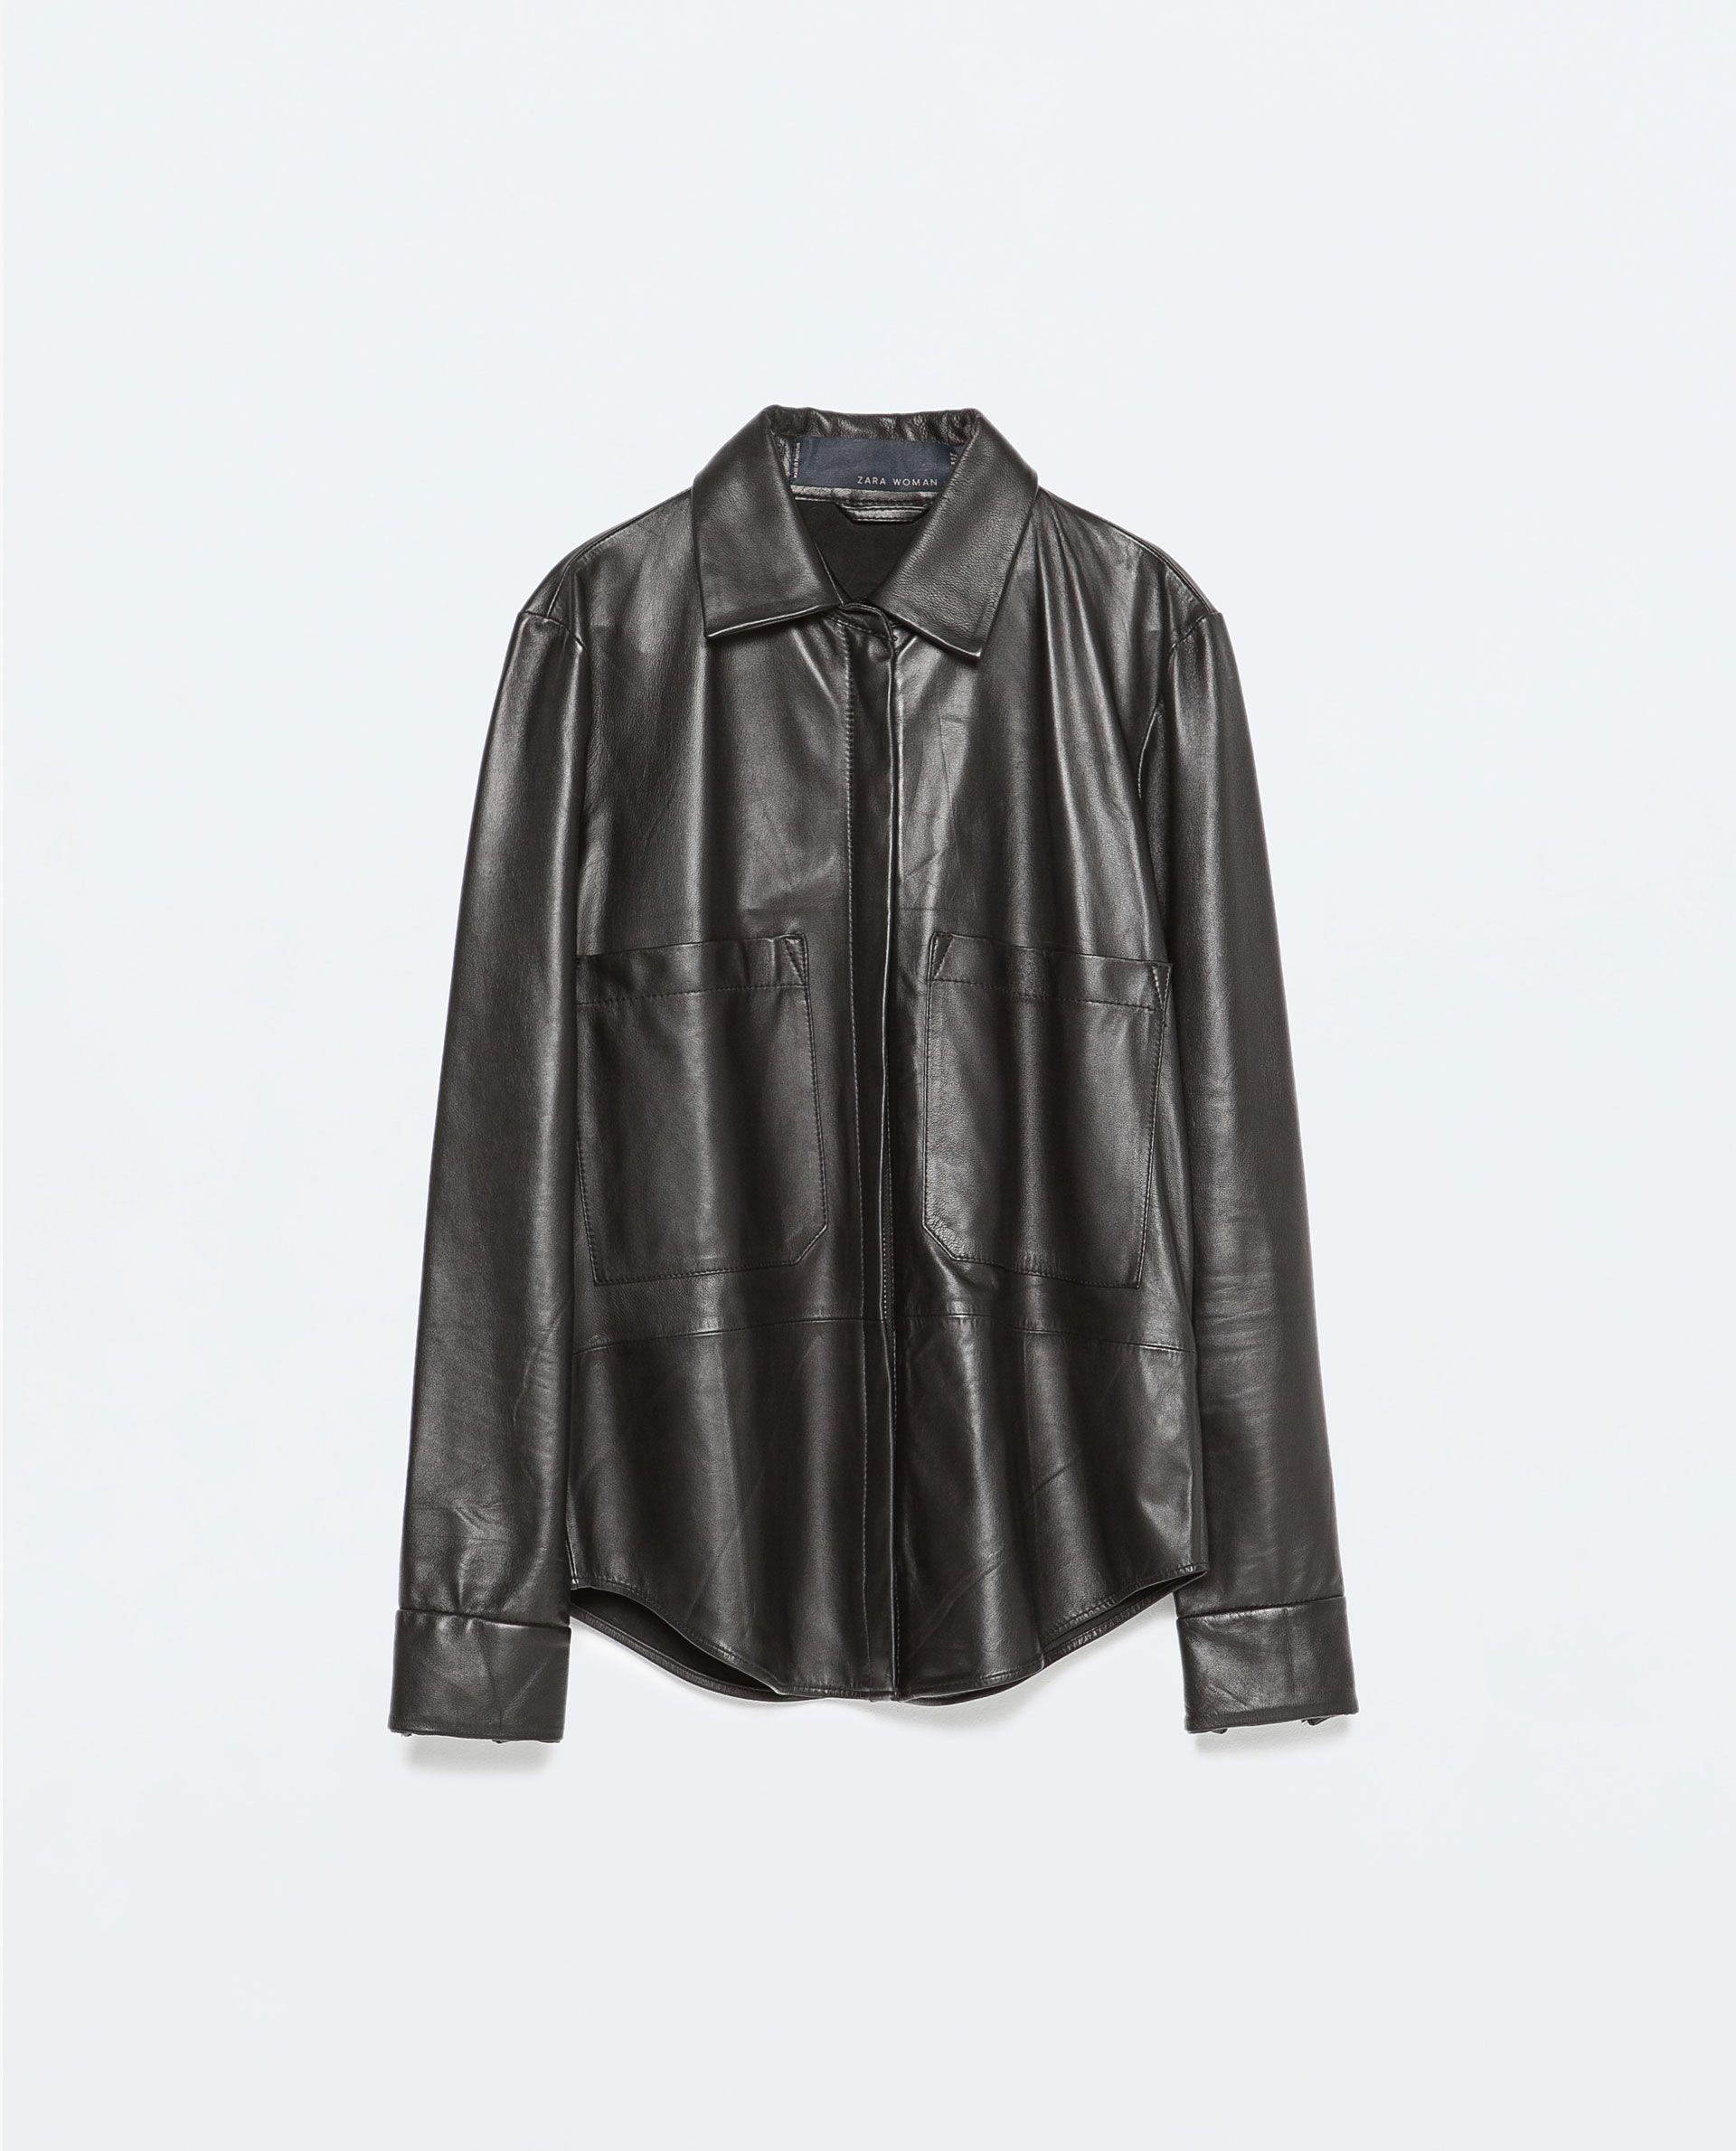 e7a0651efab Leather